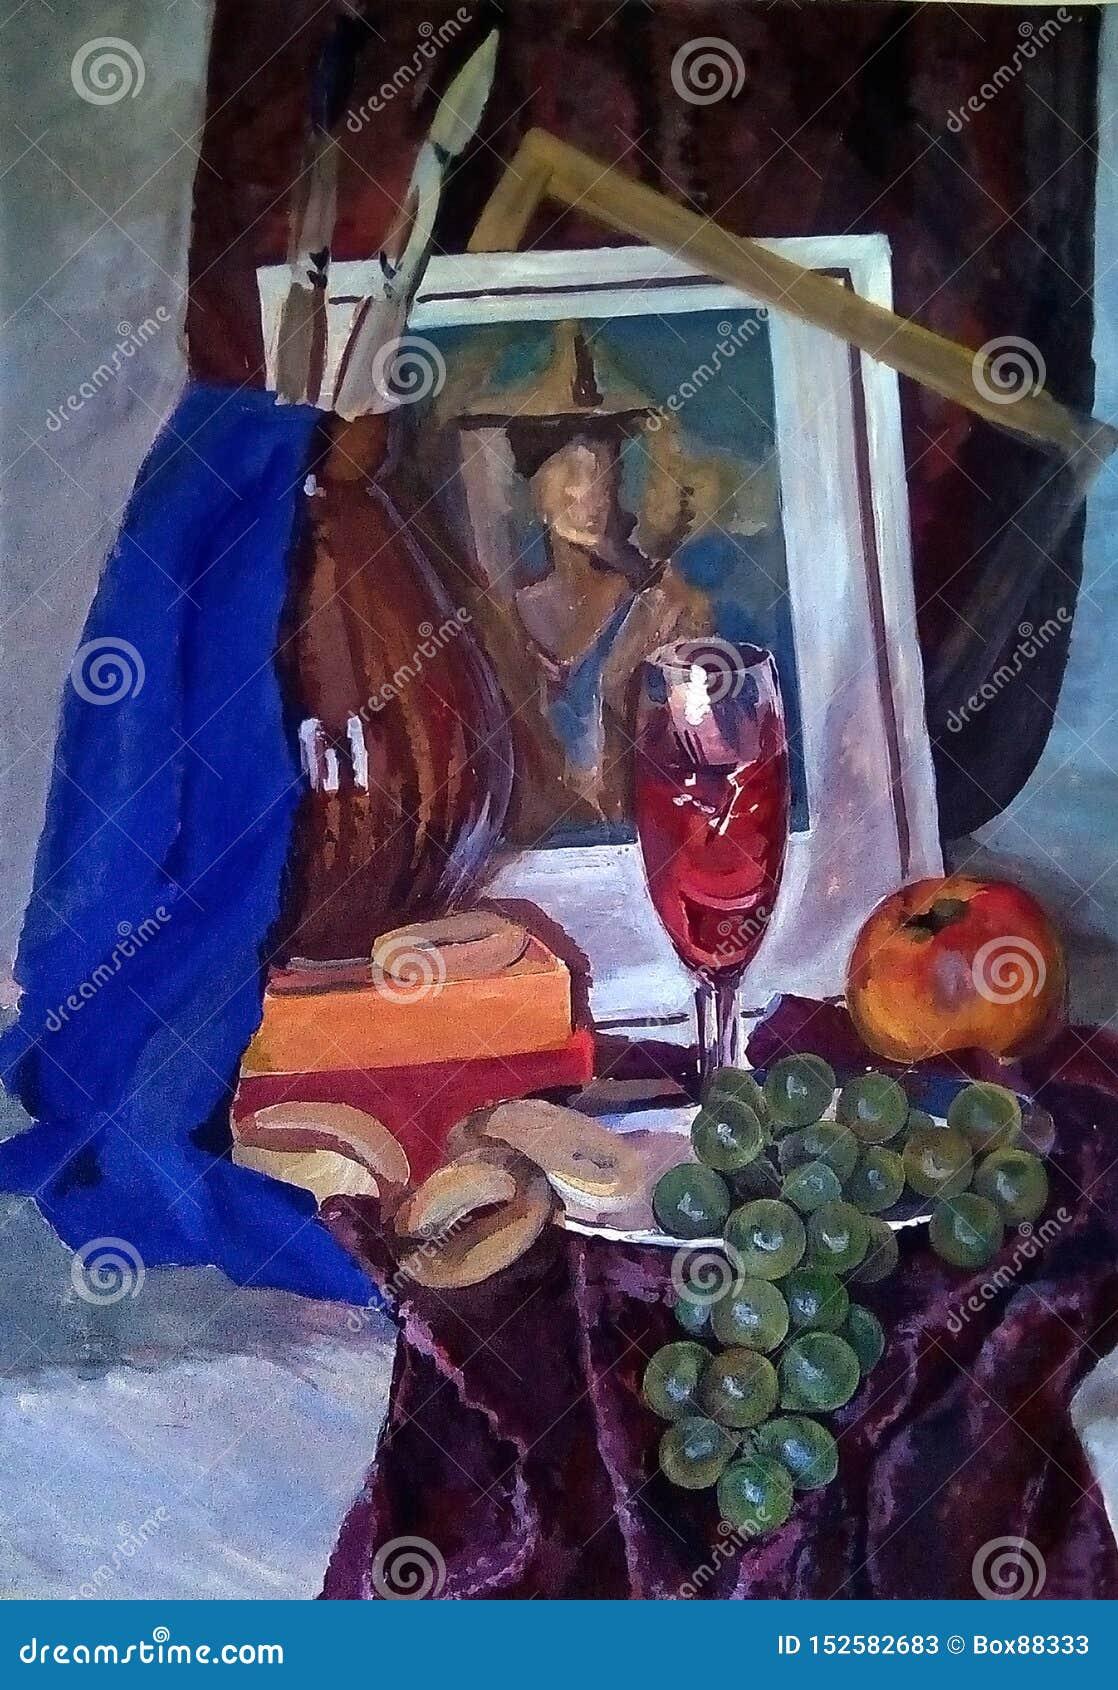 Натюрморт сделанный в гуаши на бумаге Связка винограда, яблоко, бейгл, вино в стекле, кувшин и другие детали